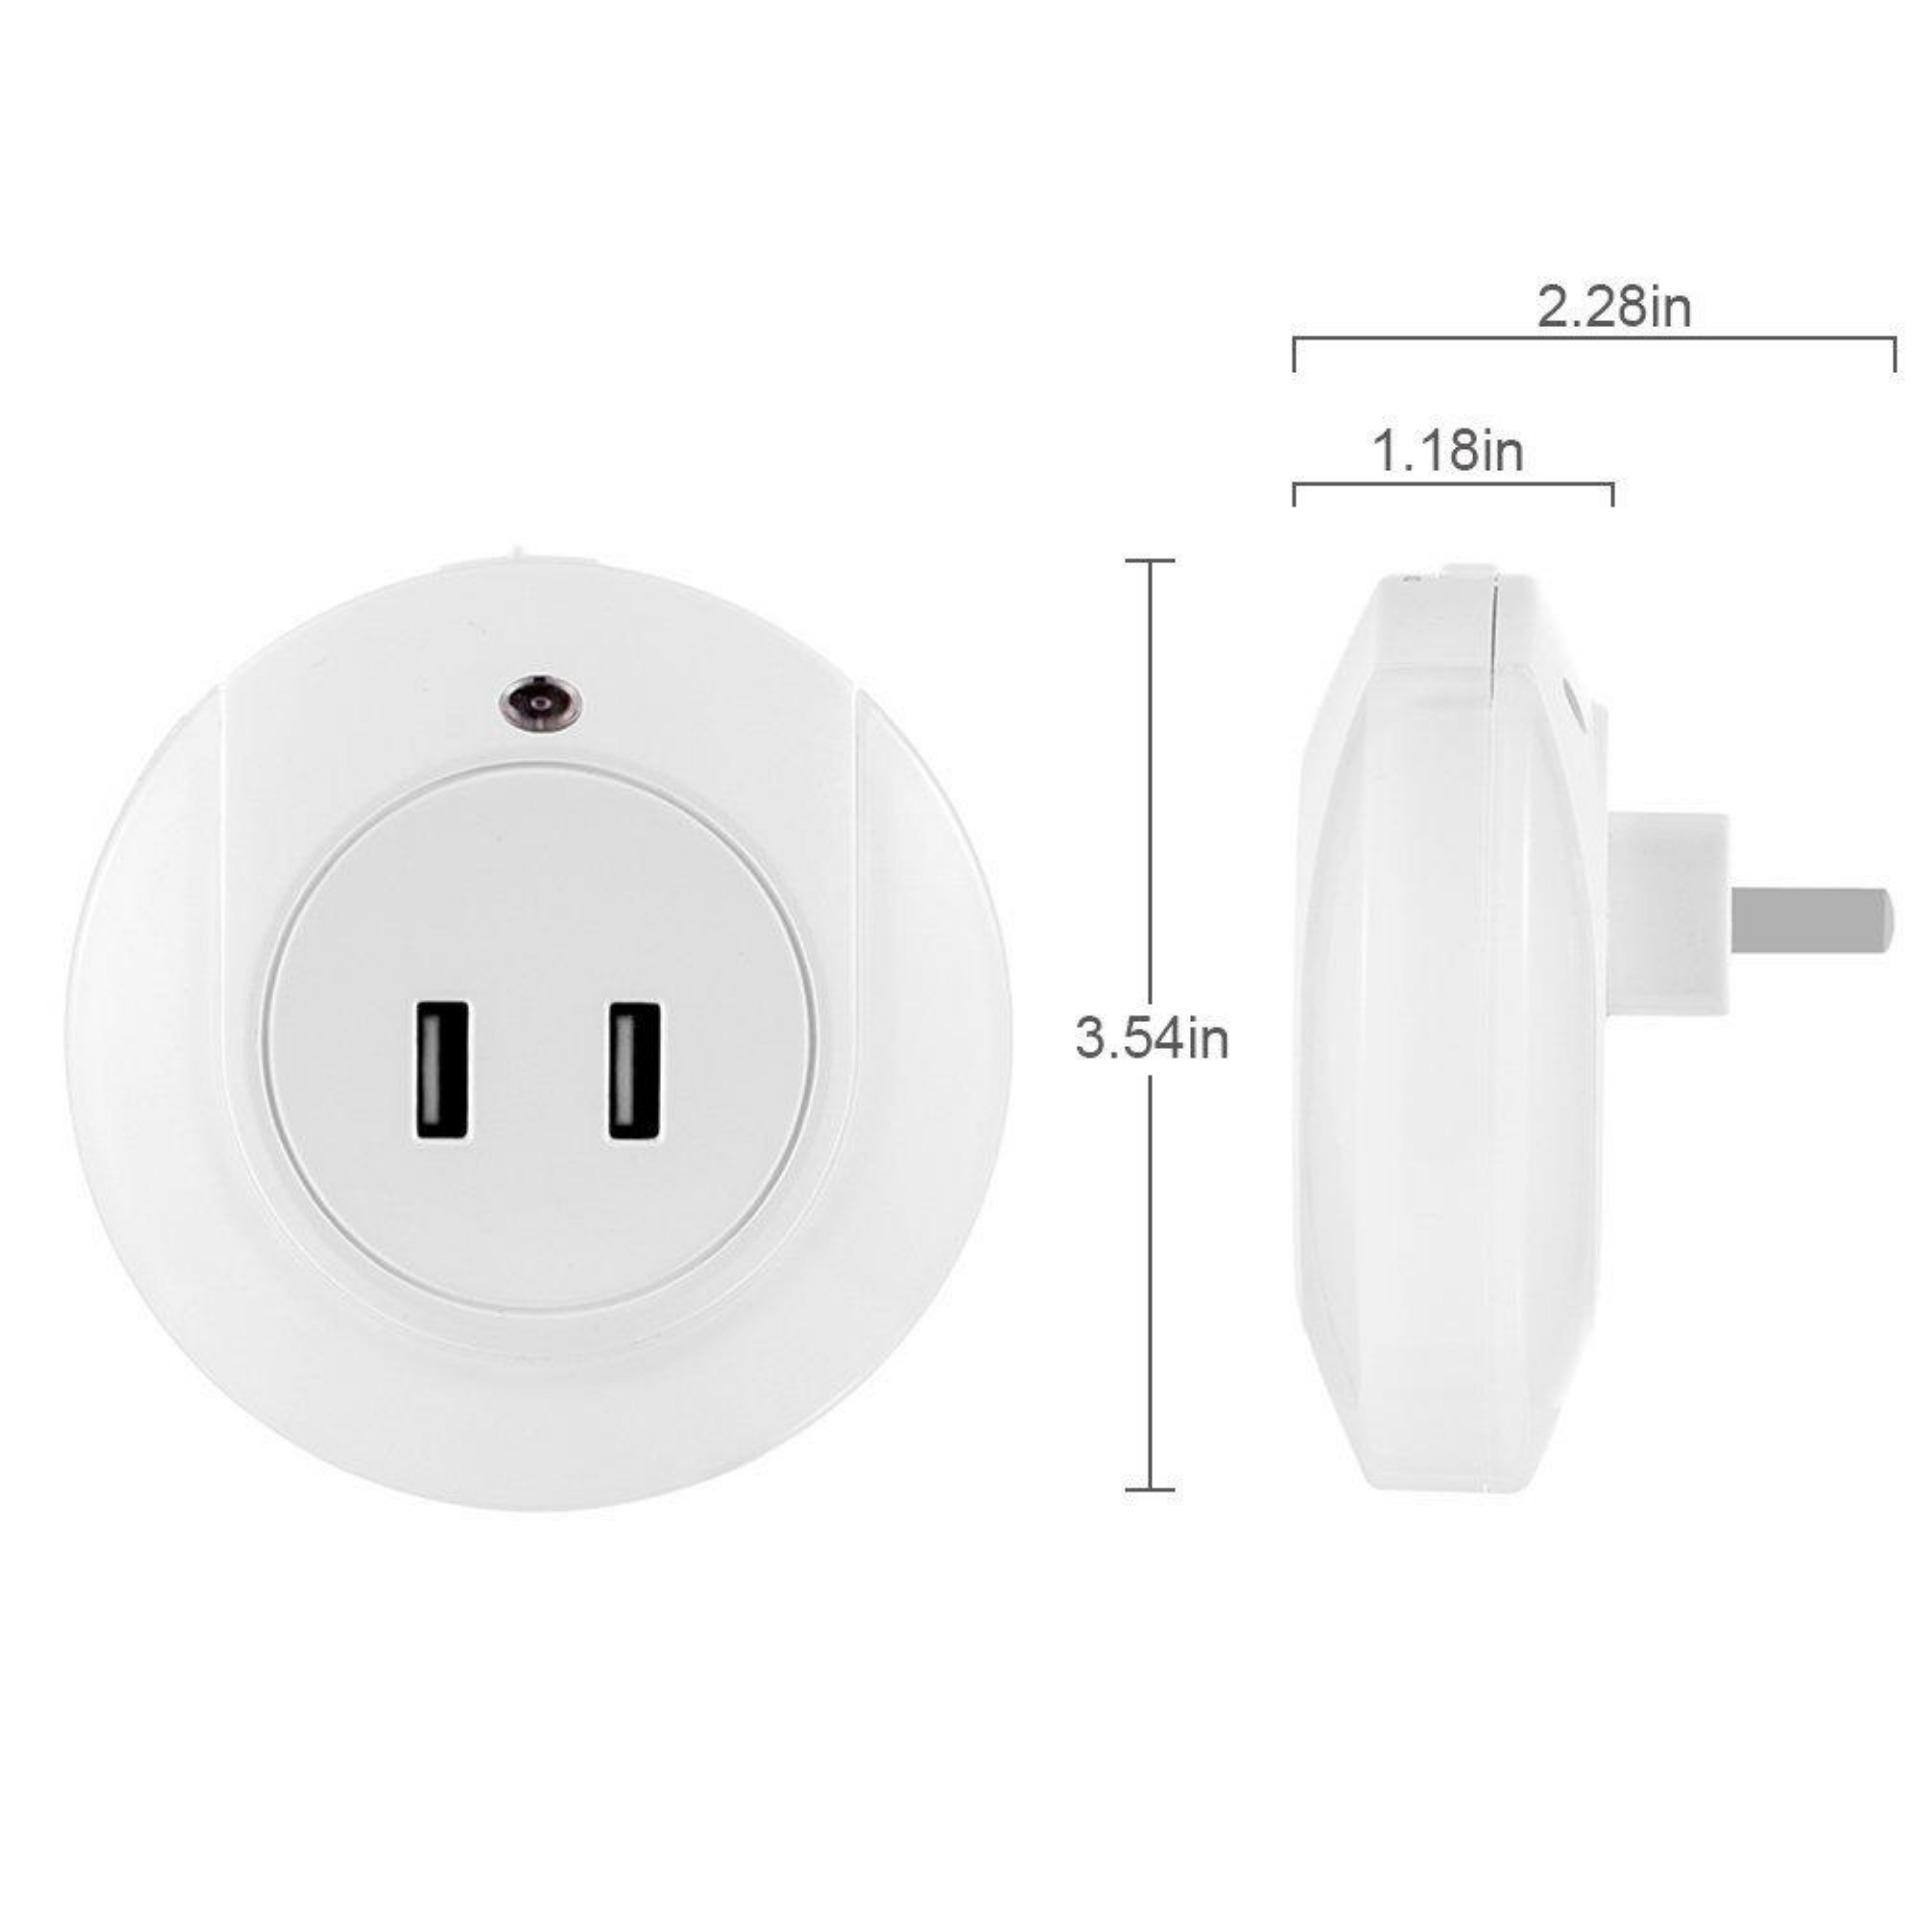 Jual Lampu Tidur Smart Led Dual Usb Charger Untuk Iphone Android Unik Branded